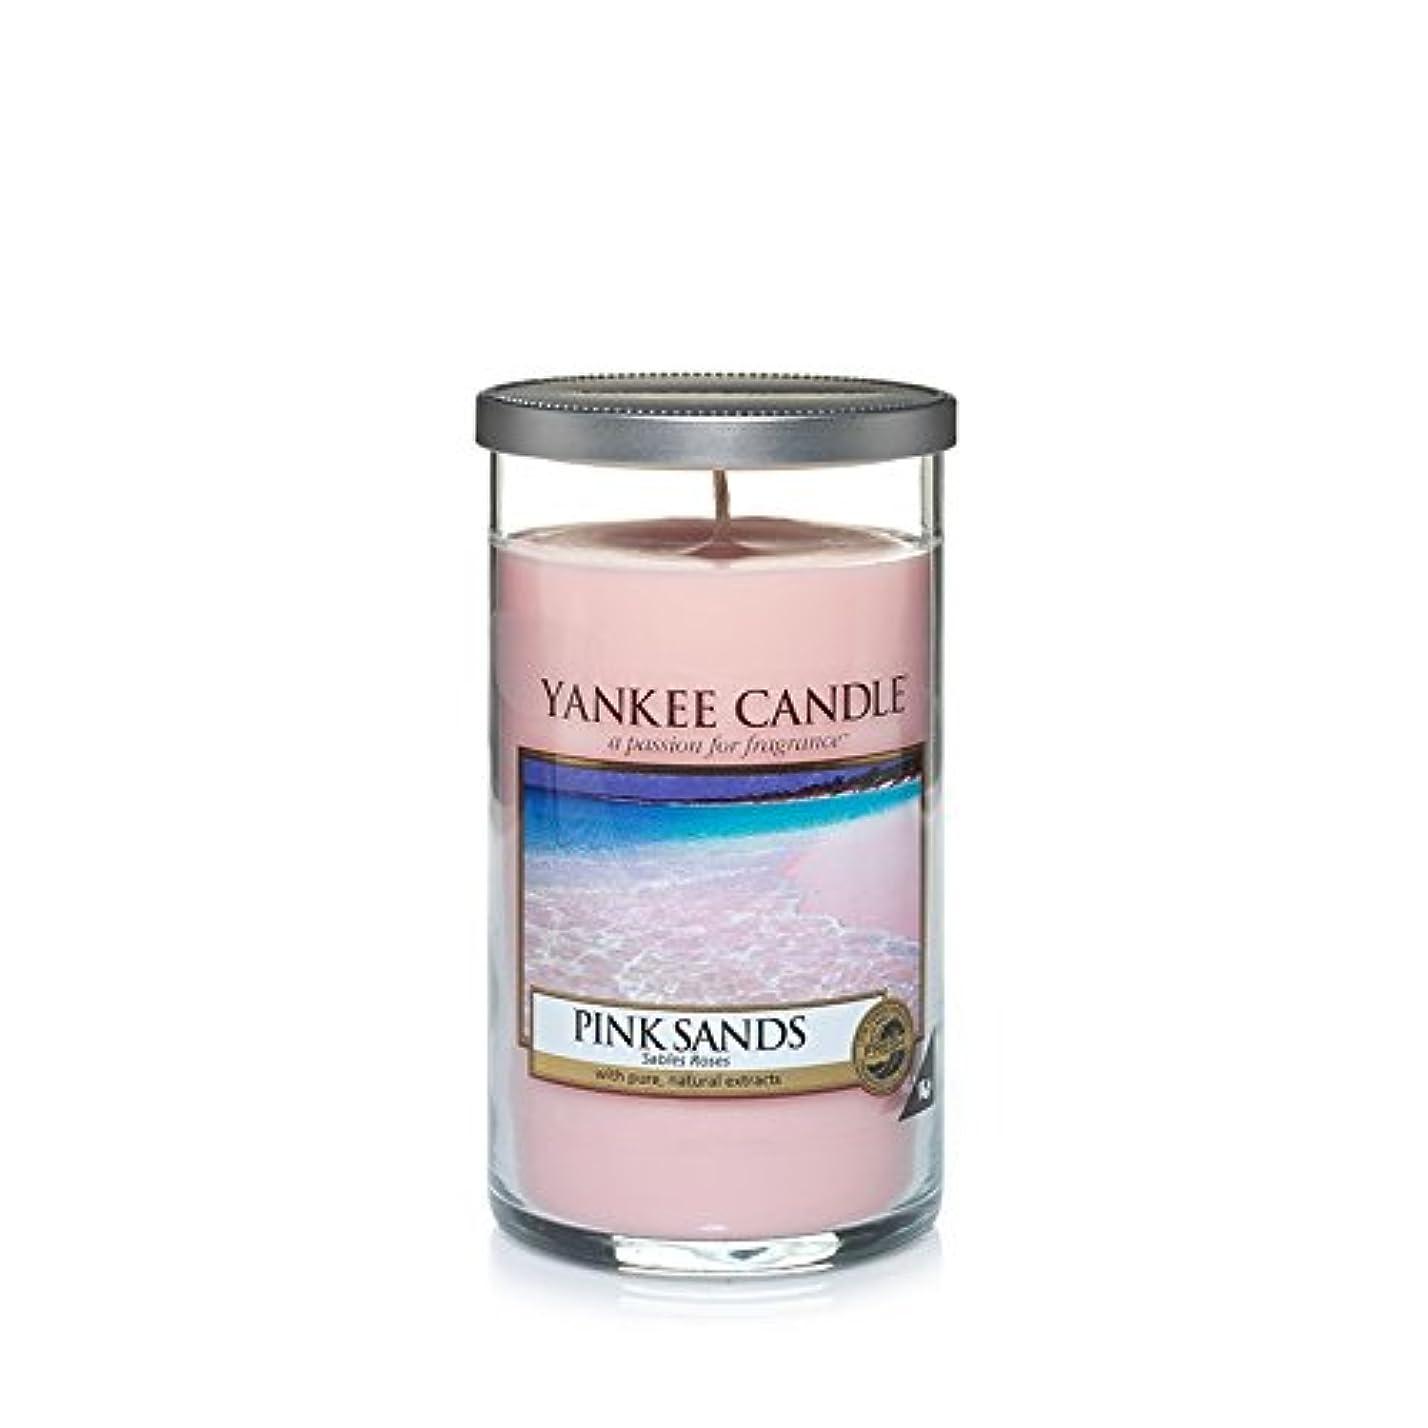 願う借りる側溝Yankee Candles Medium Pillar Candle - Pink Sands? (Pack of 2) - ヤンキーキャンドルメディアピラーキャンドル - ピンクの砂? (x2) [並行輸入品]